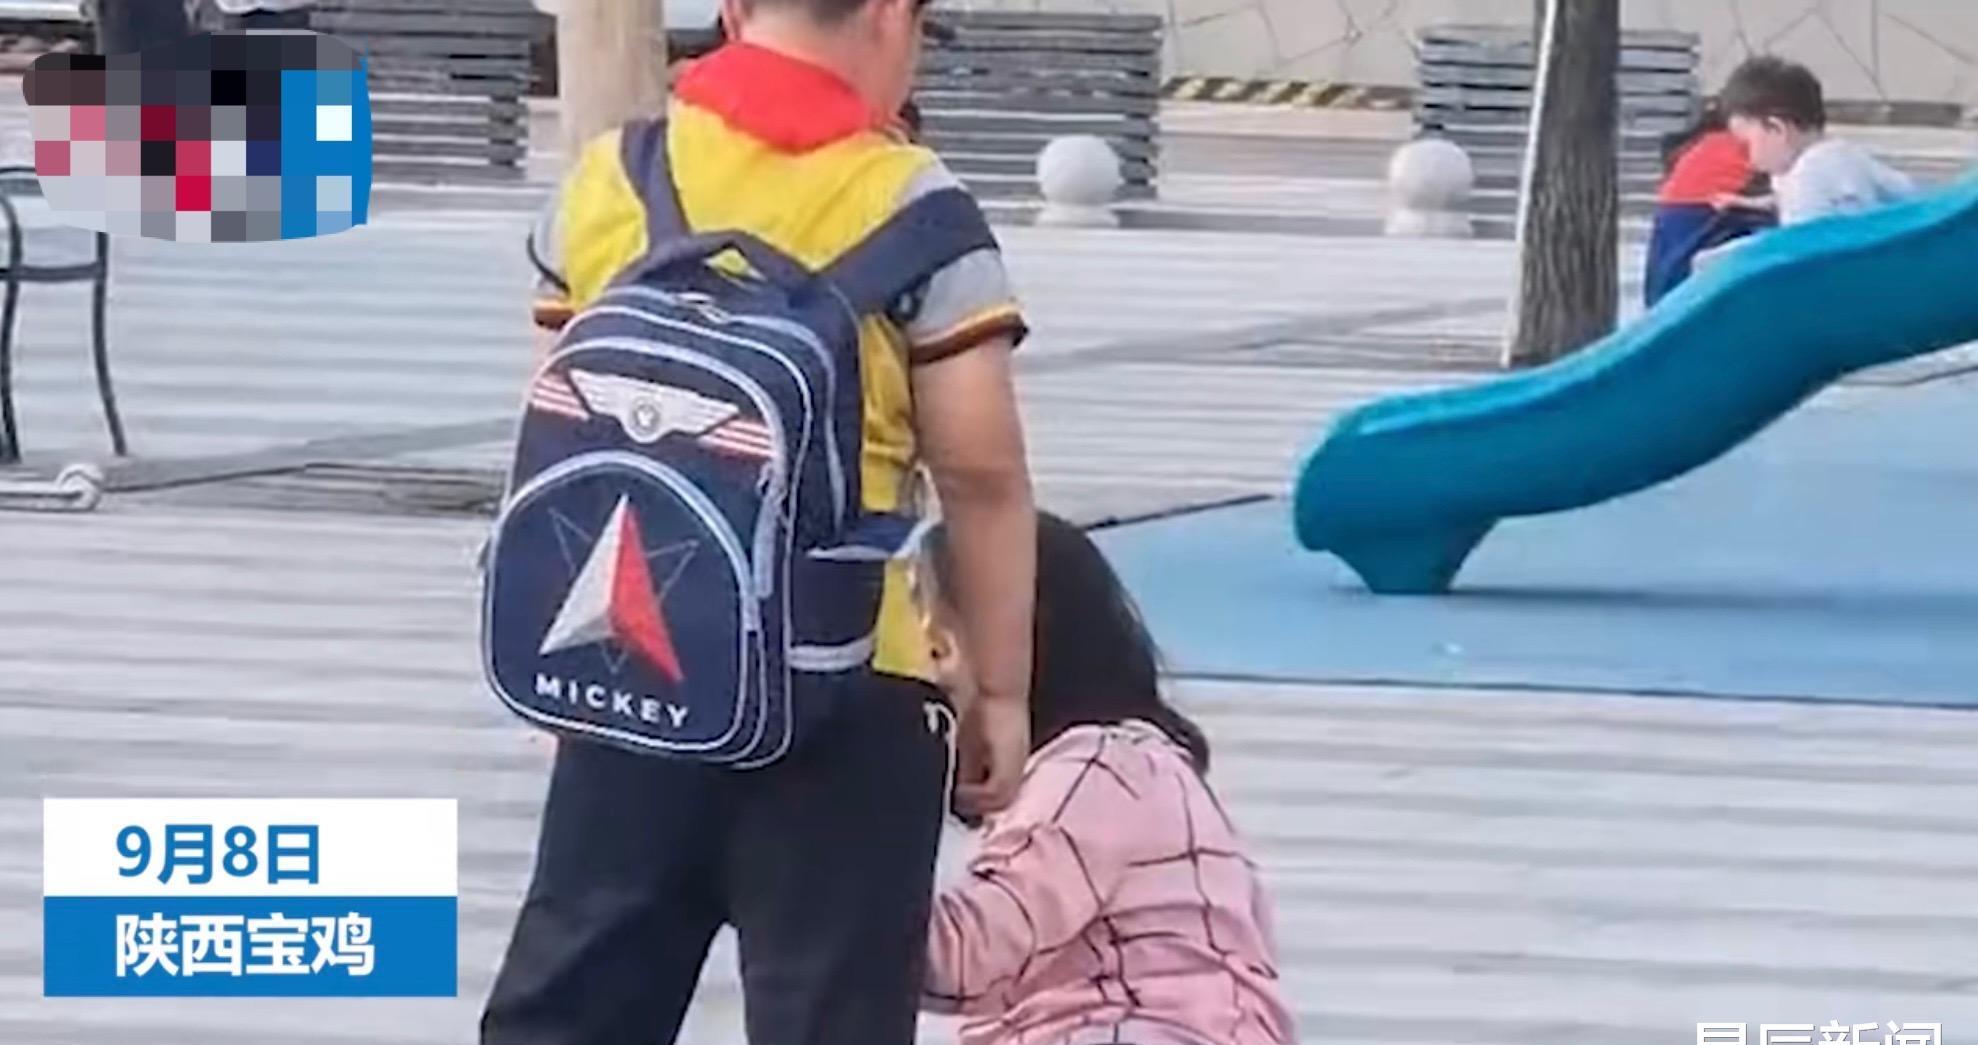 Học sinh tiểu học đánh mẹ giữa phố, 3 bảo vệ đến ngăn cản còn bị đứa trẻ quát mắng, đoạn phim khiến ai cũng lắc đầu ngán ngẩm - Ảnh 1.